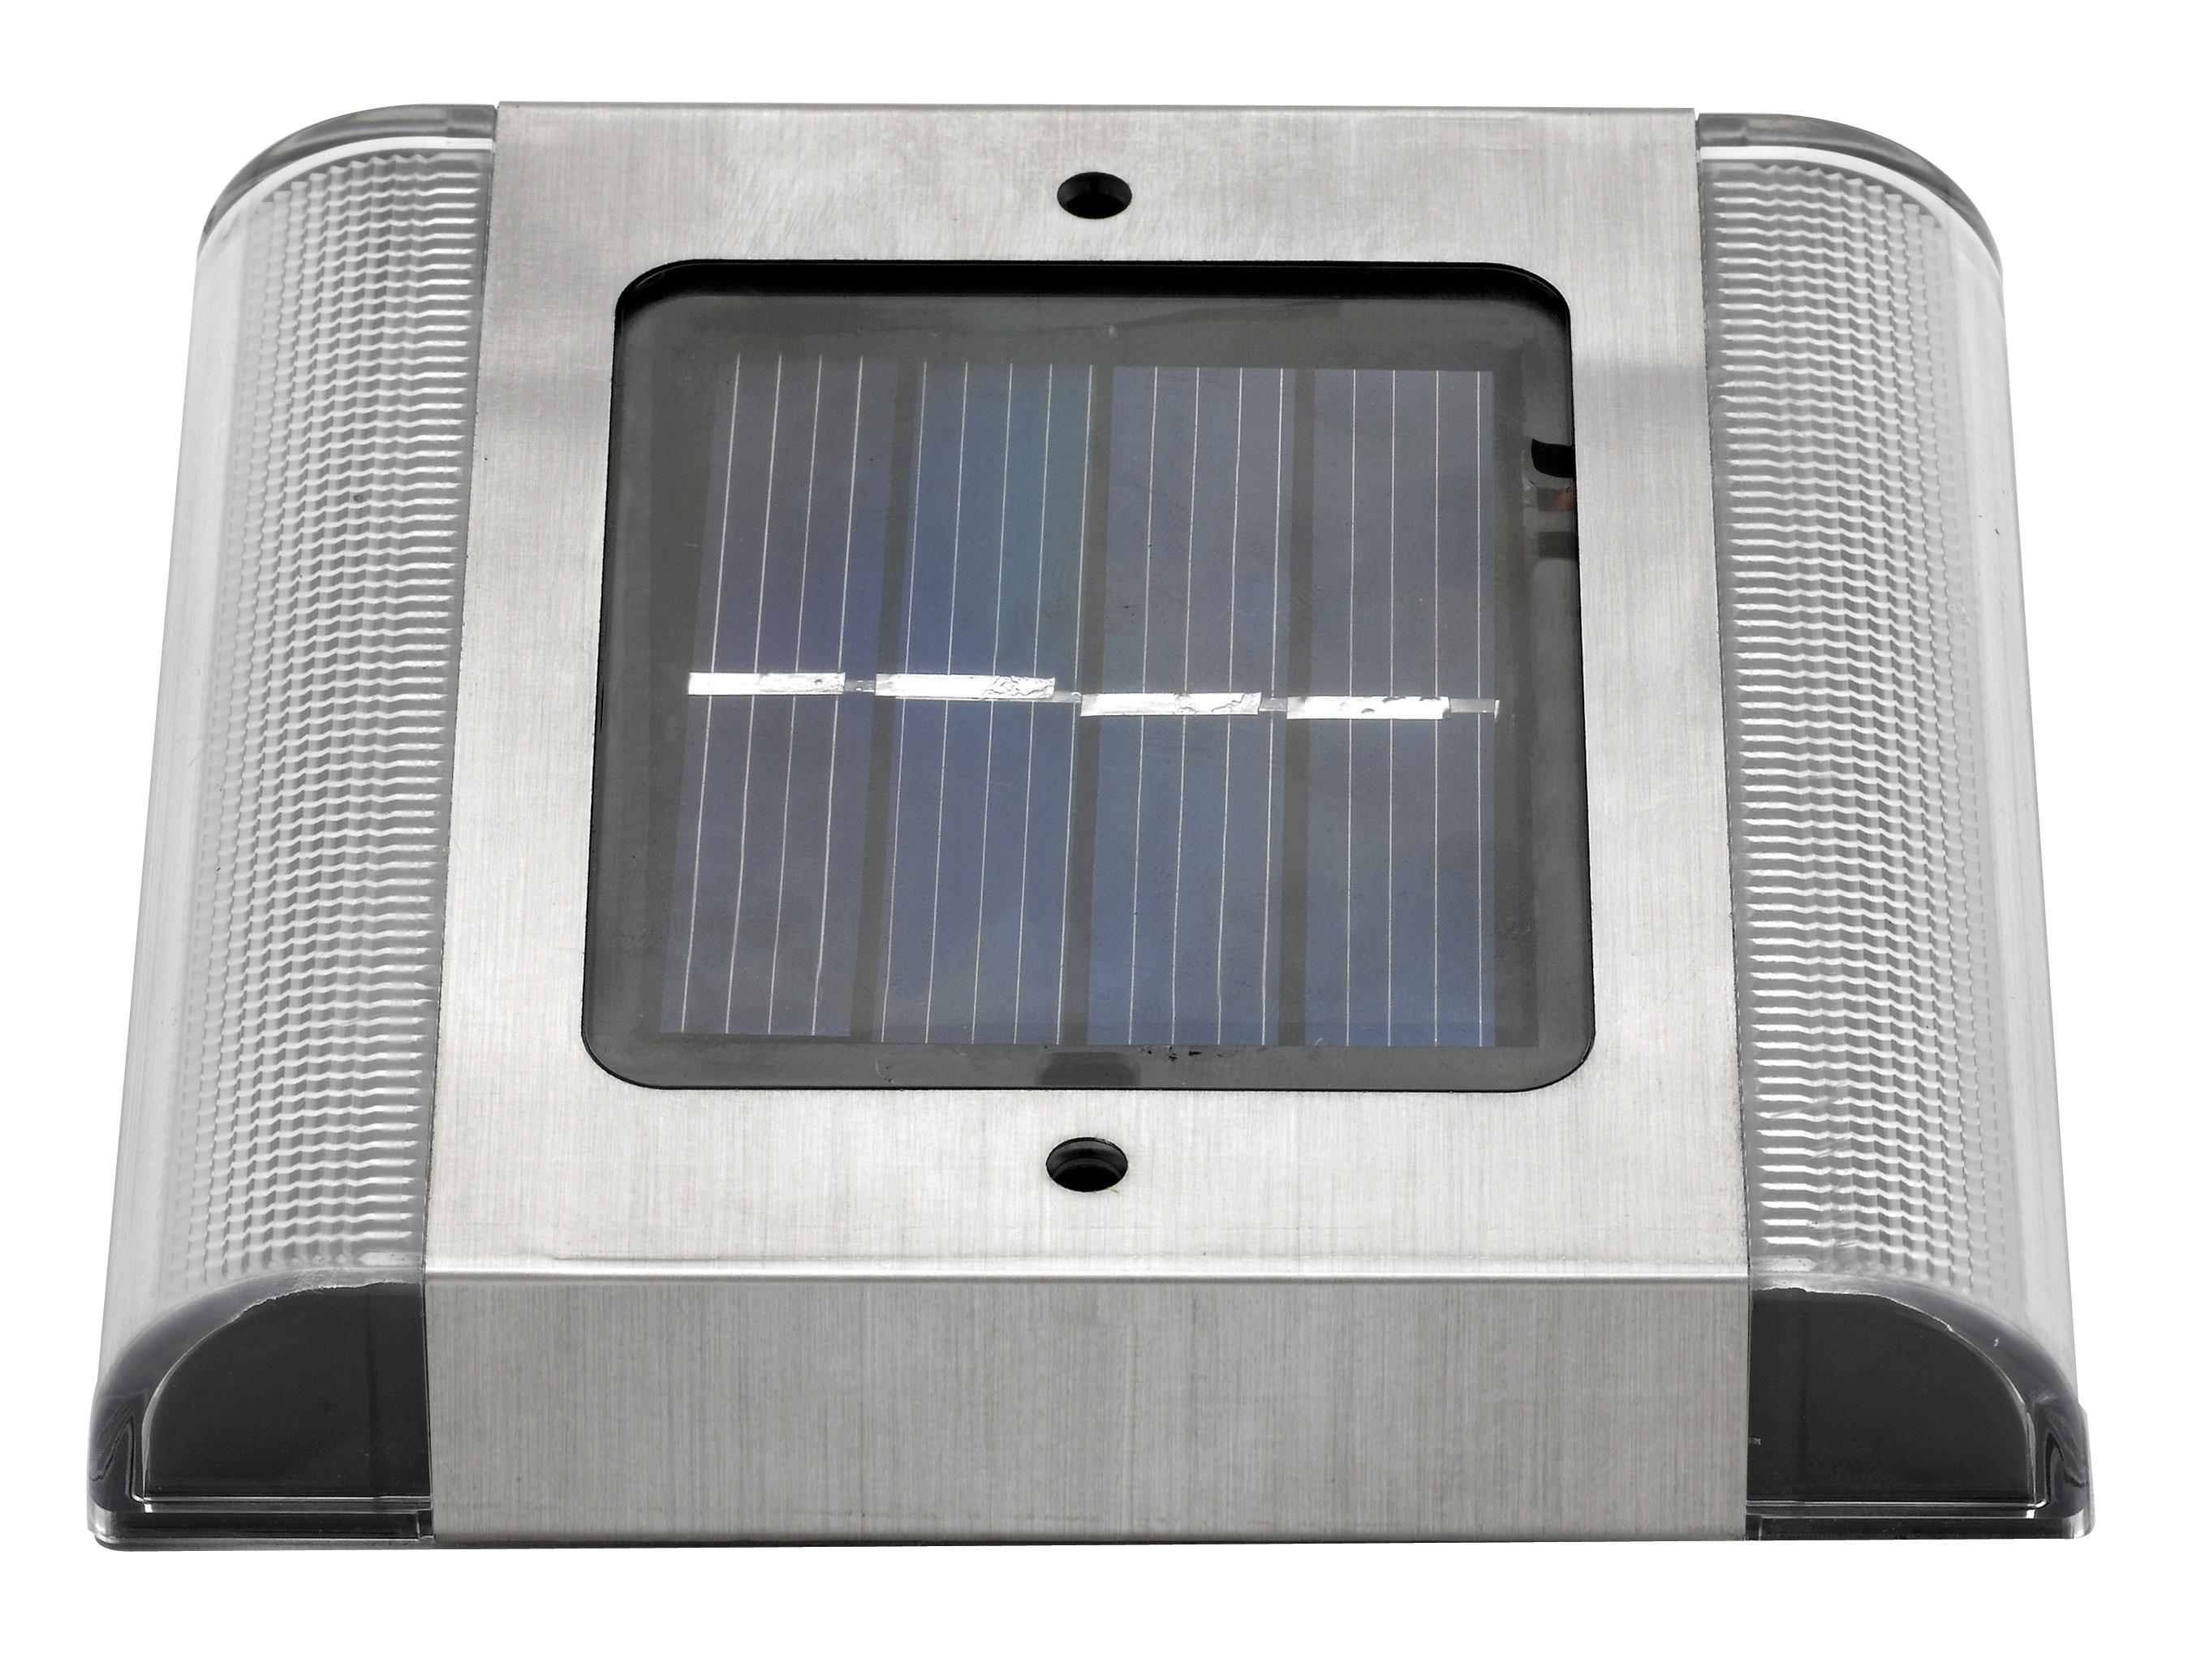 Spot pav solaire encastrable surface sol 2 led eclairage solaire encastrable objetsolaire - Spot solaire encastrable ...